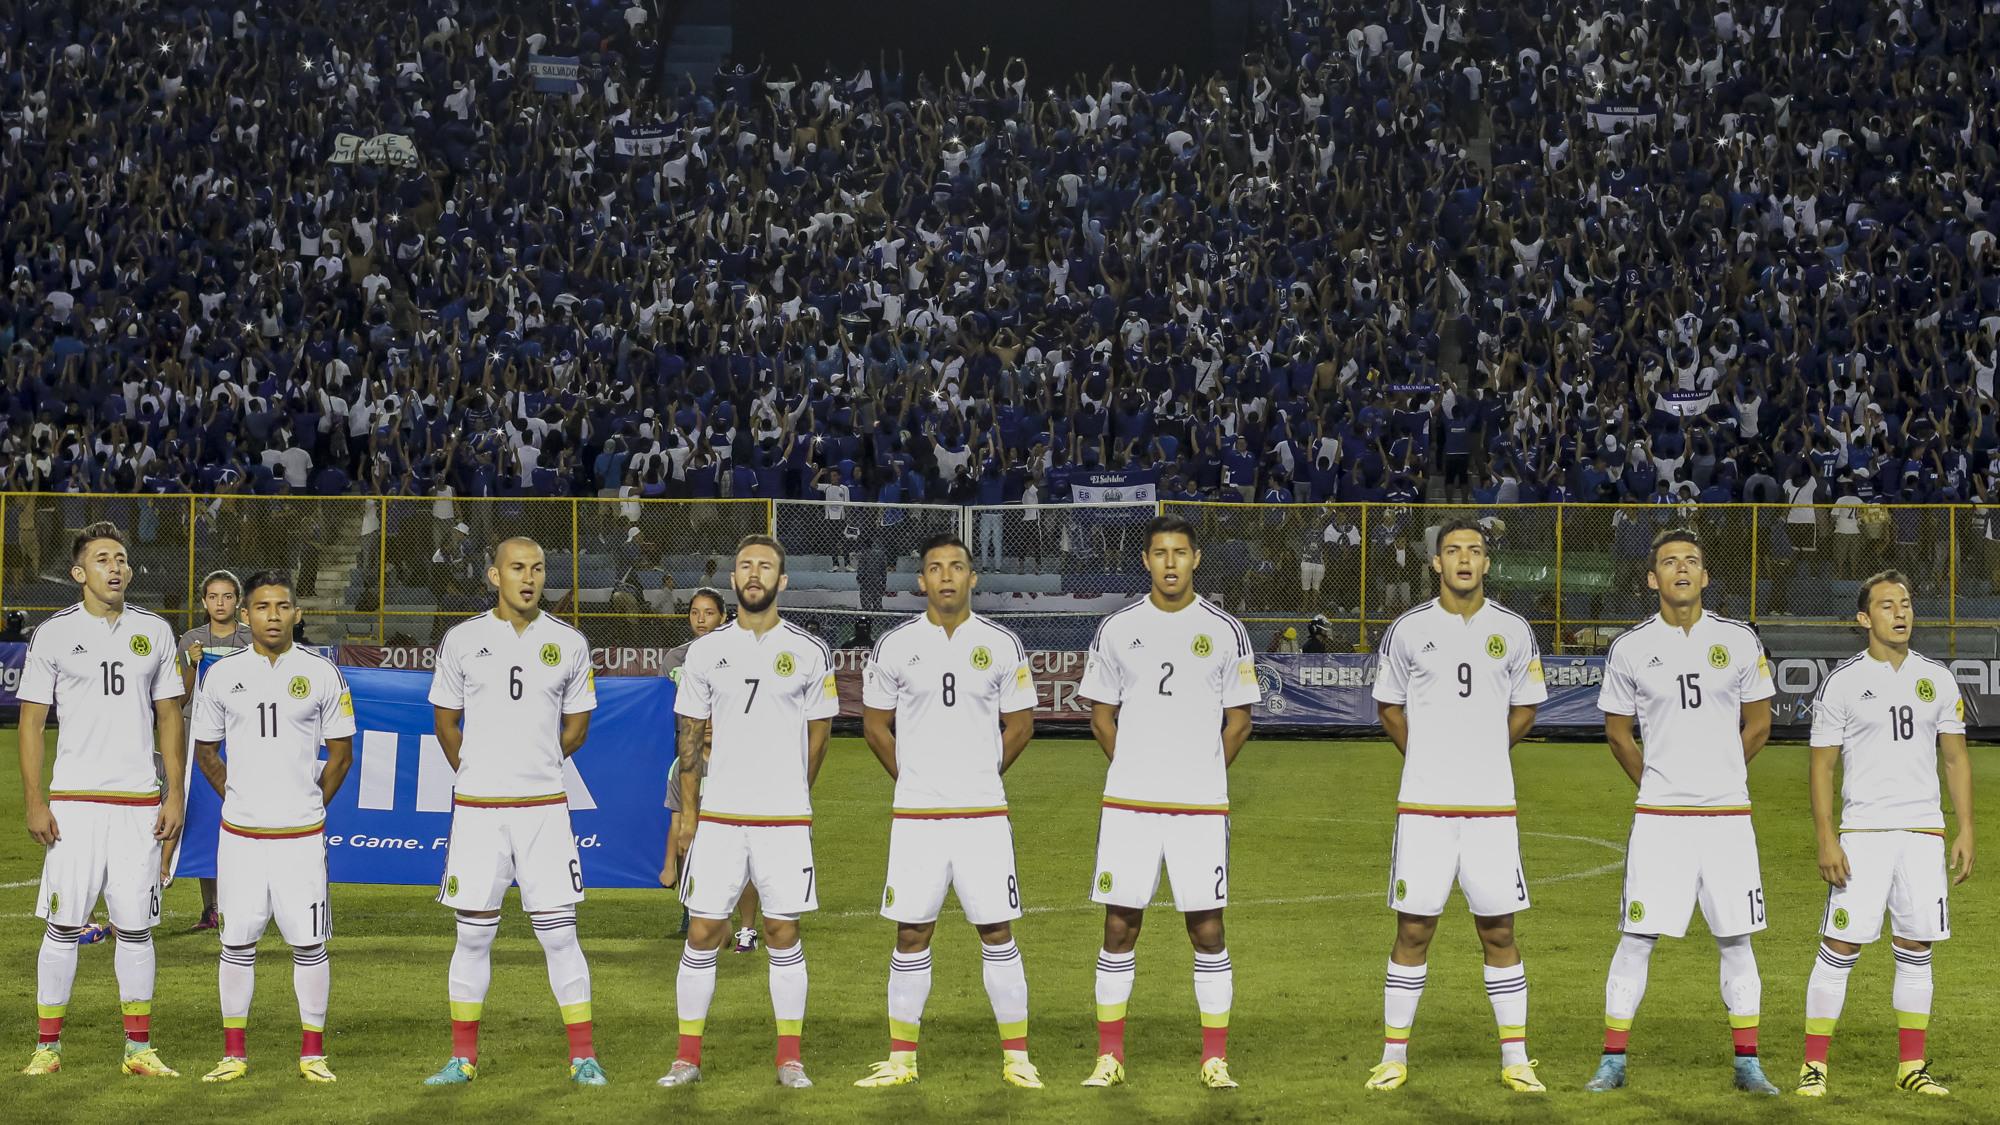 """Los seleccionados de México cantan su himno nacional en el engramillado del Estadio Cuscatlán, el 9 de septiembre de 2016, mientras la afición en """"el Vietnam"""" les da la espalda en forma de rechazo. Foto/Salvador MELENDEZ"""